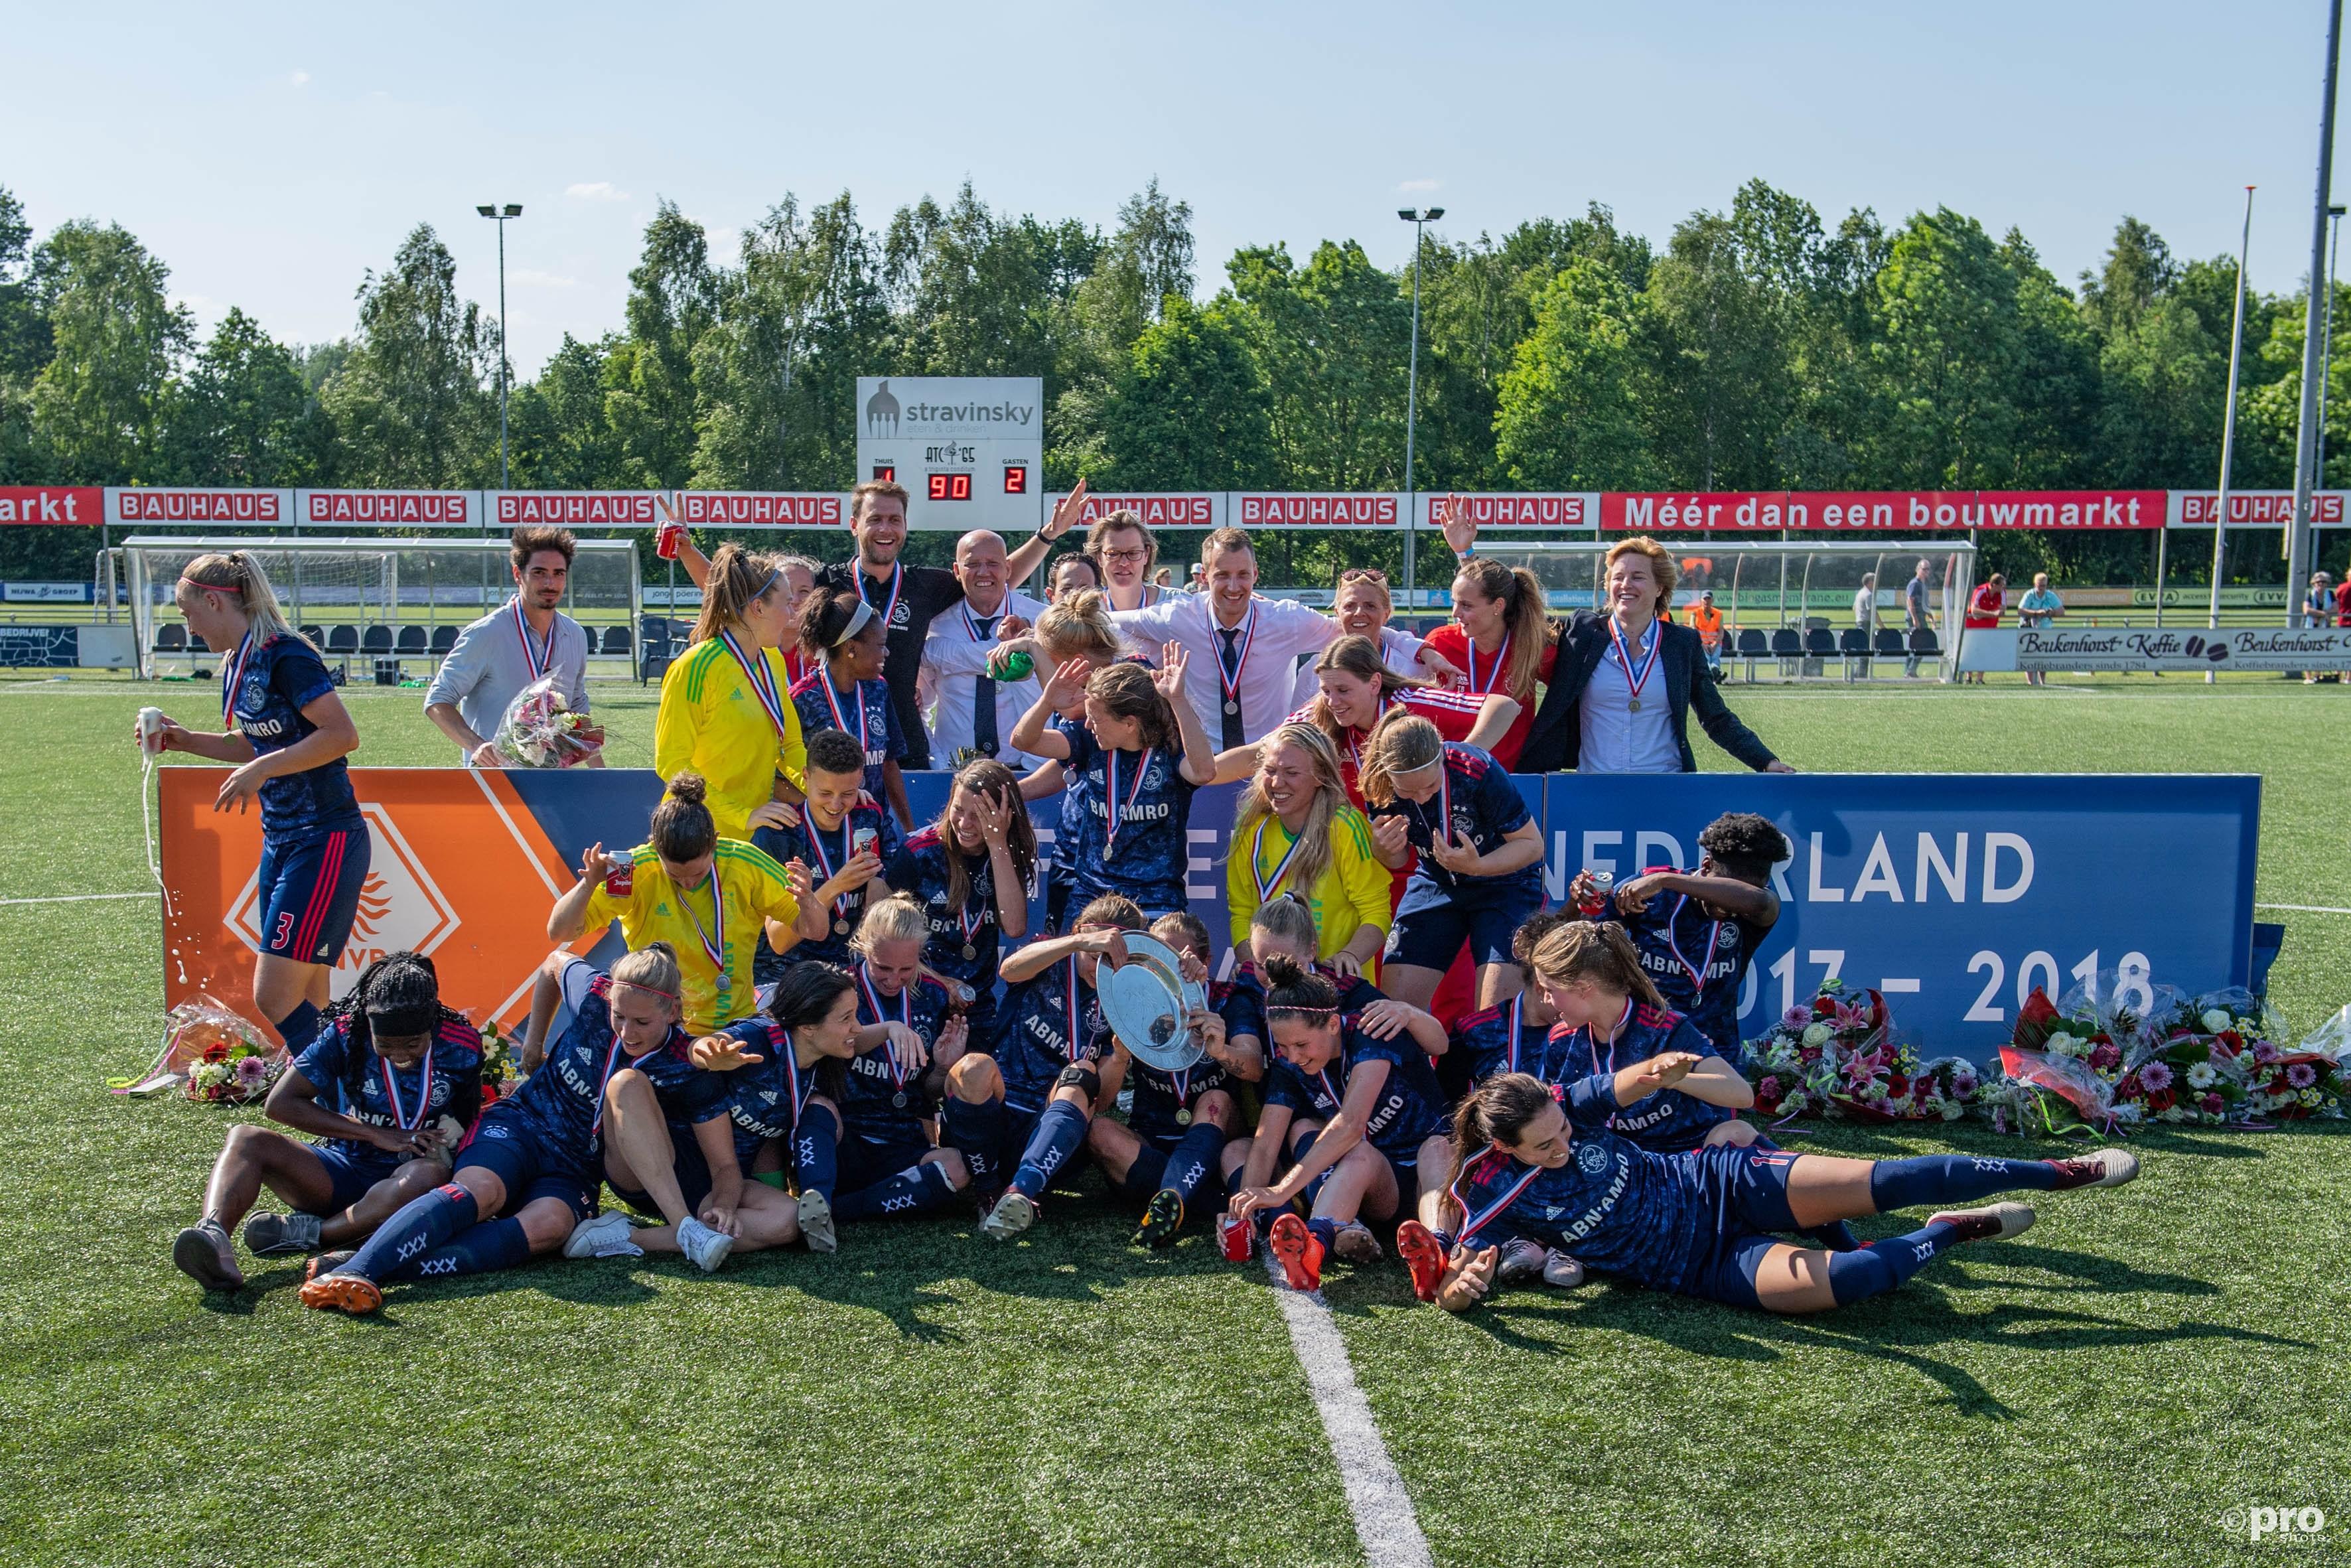 De dames van Ajax zijn kampioen. (PRO SHOTS/Lars Smook)